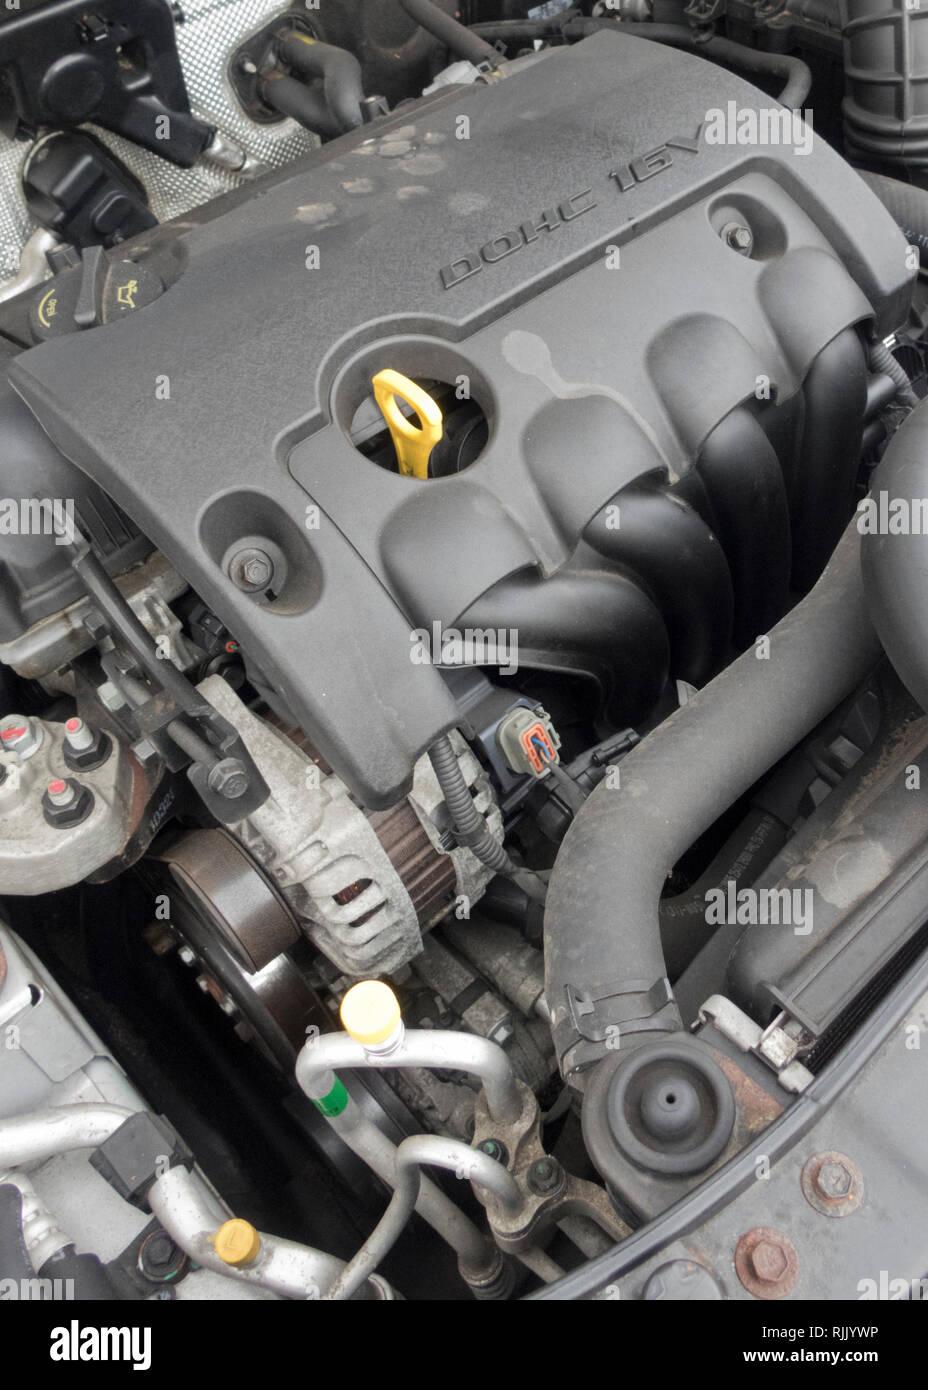 Hyundai 1.6 litre Petrol DOHC 16v Petrol Car Engine ( Euro 5 compliant ) Stock Photo